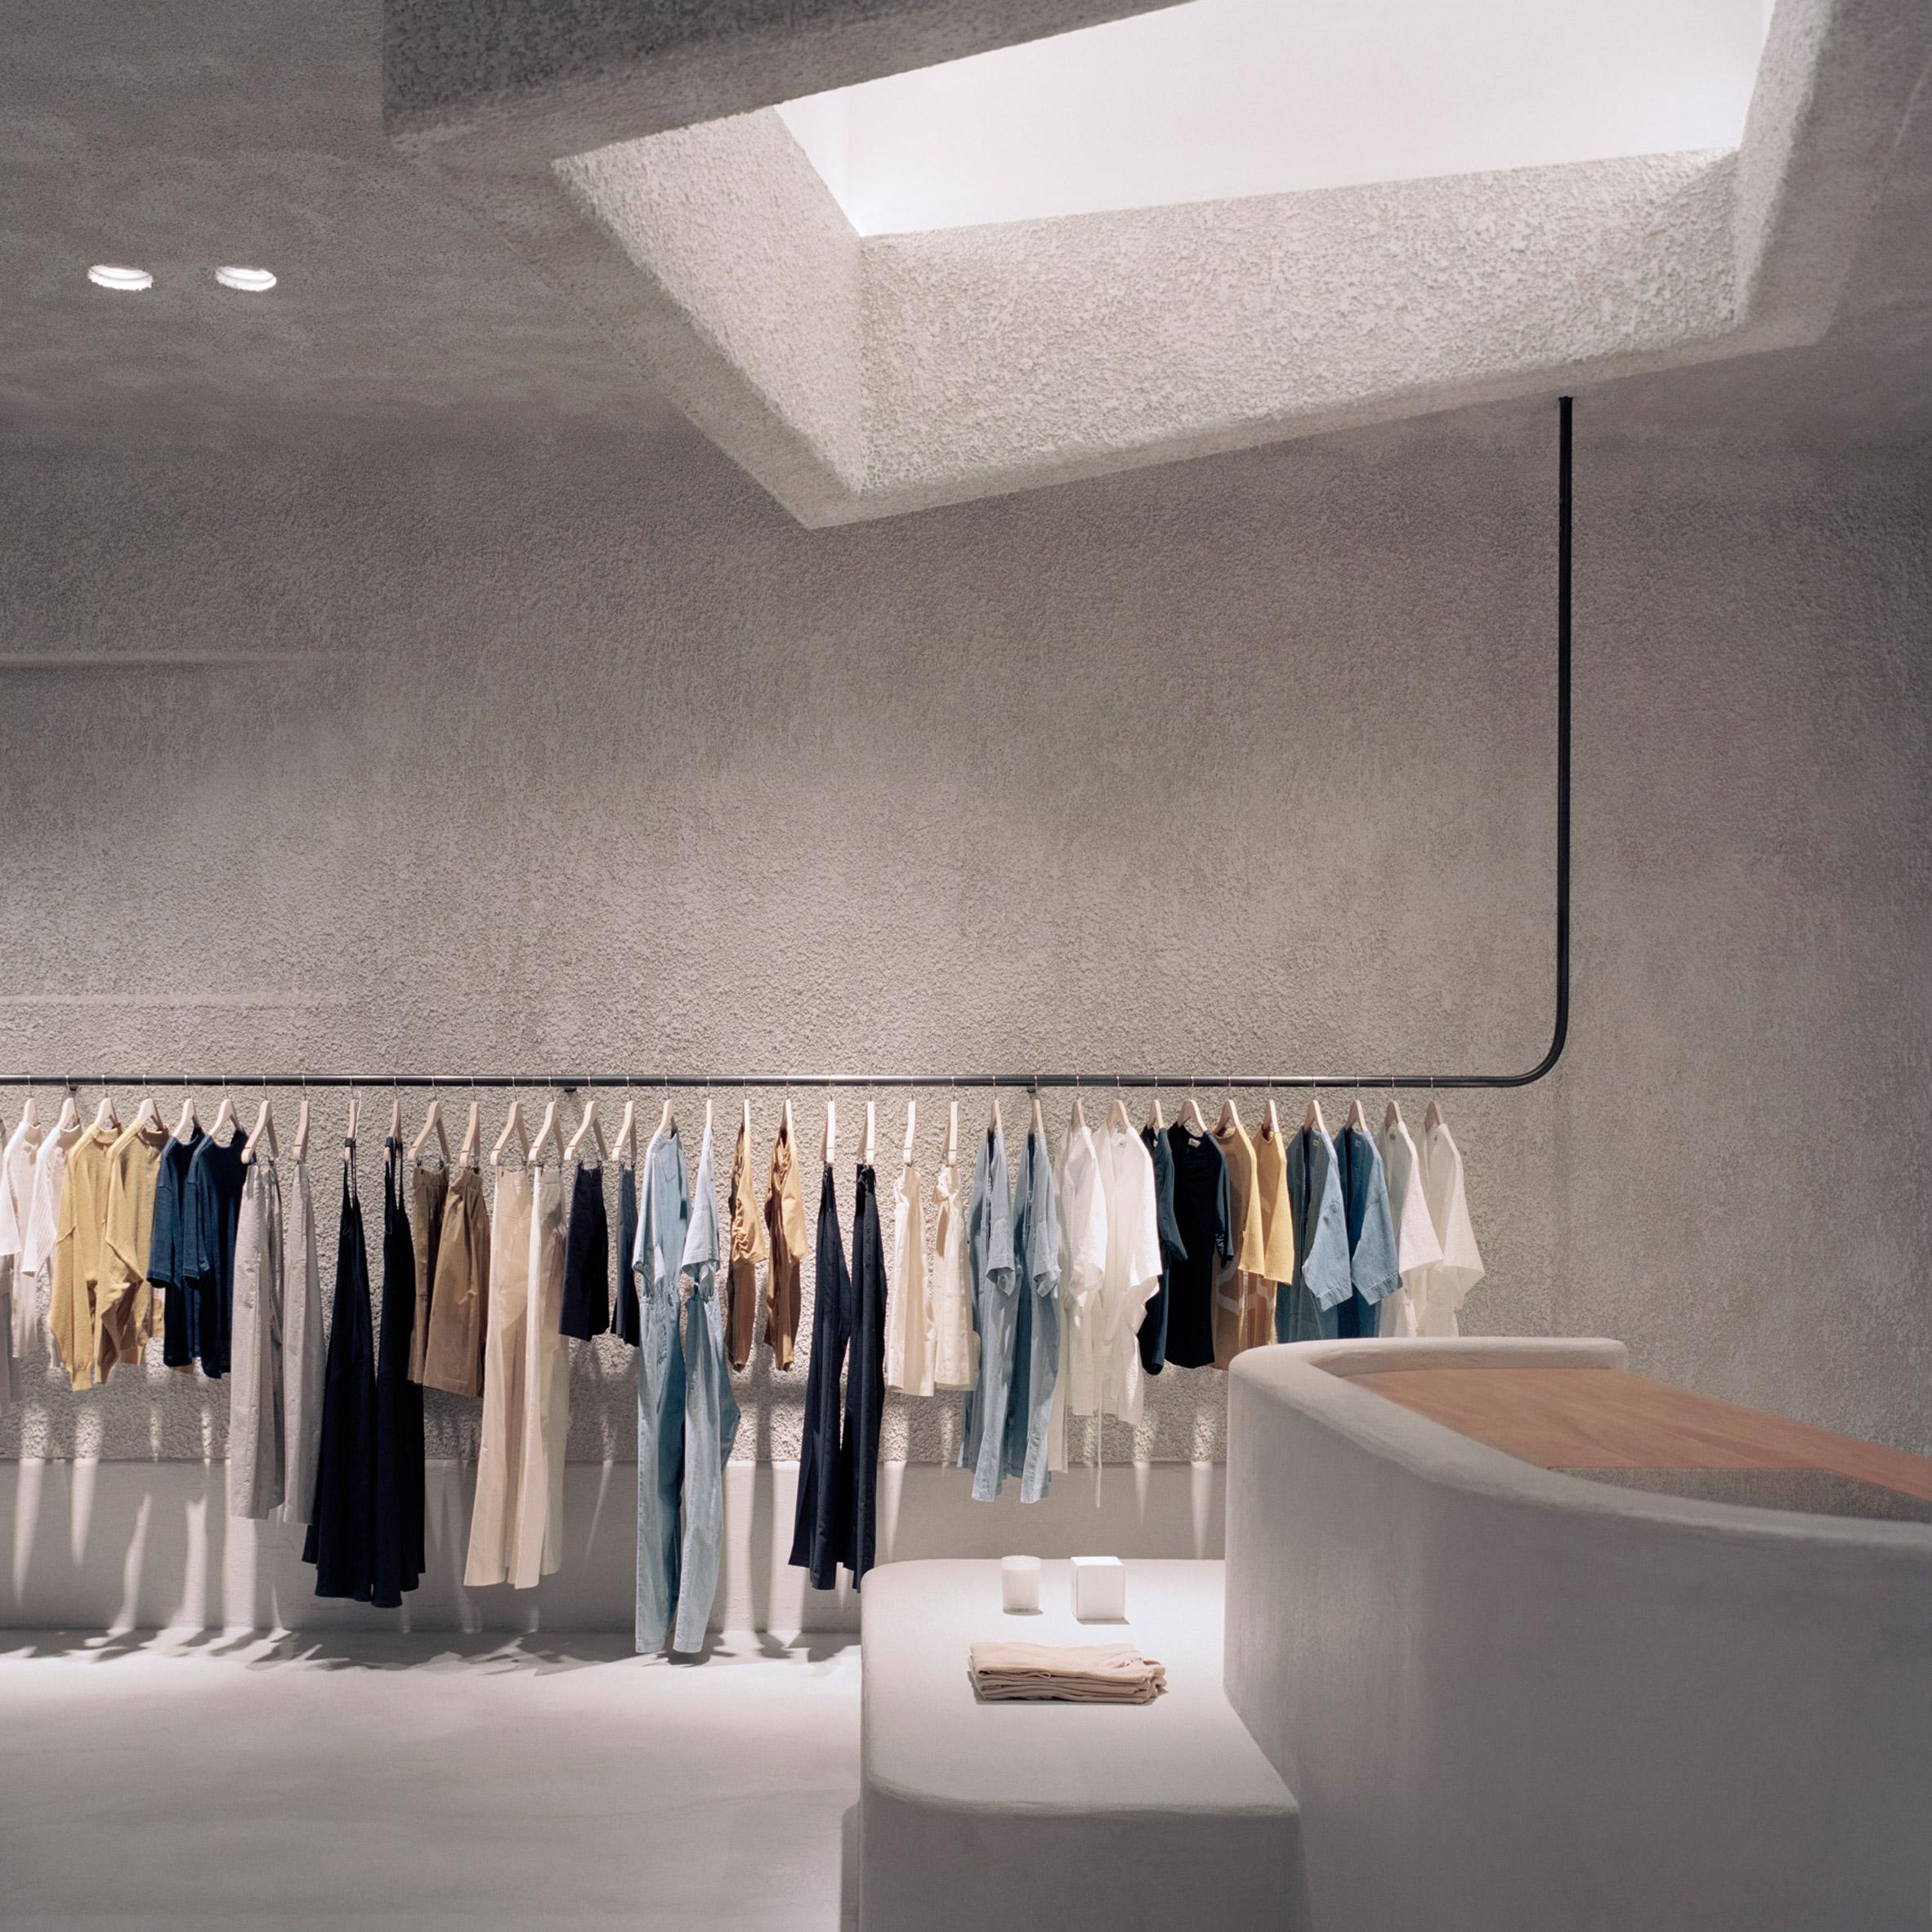 Dezeen's top 10 shops of 2018: Kloke by Studio Goss